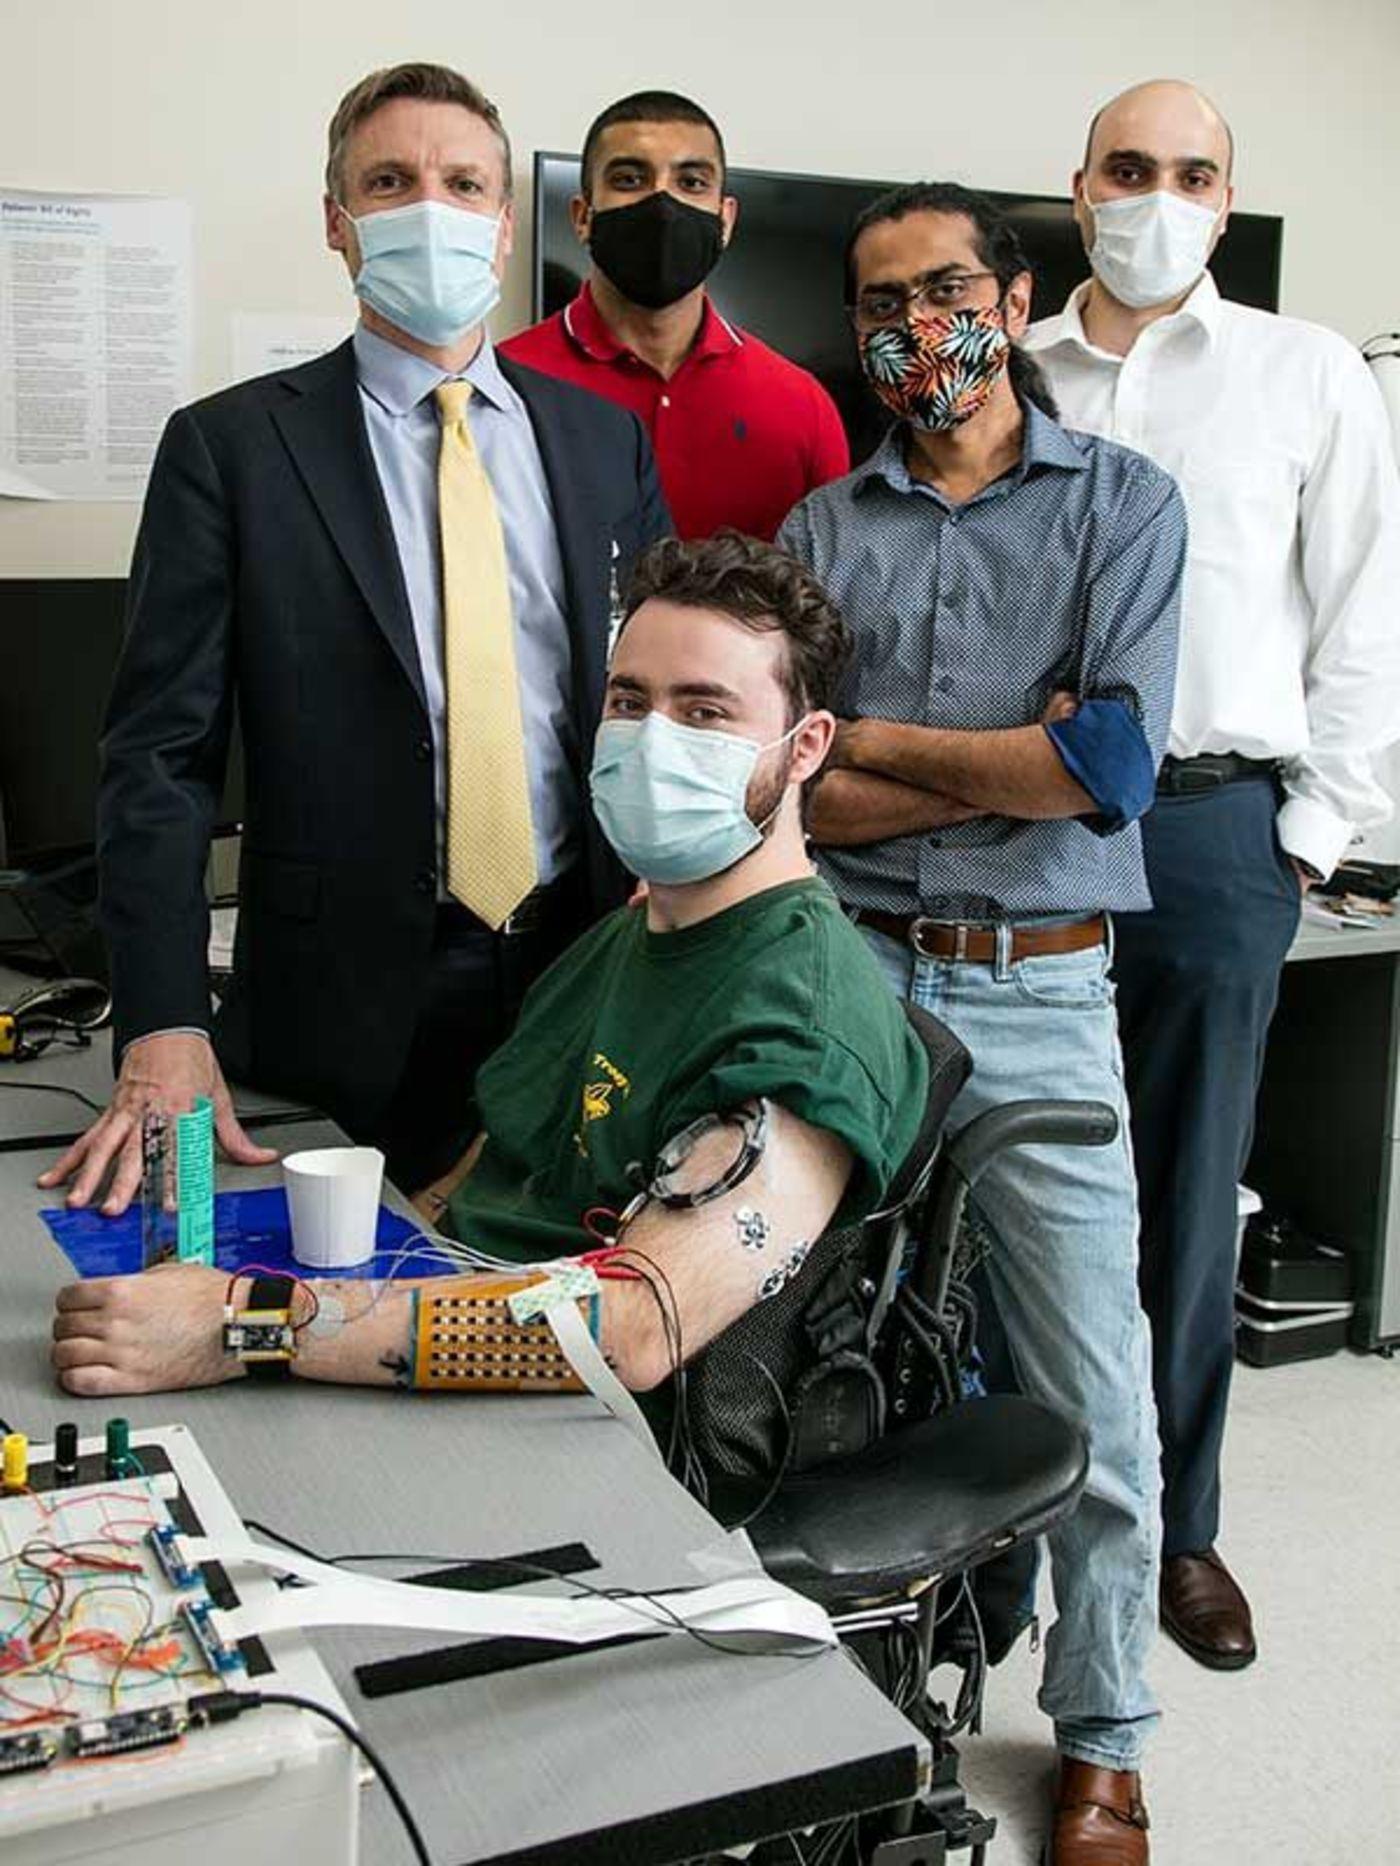 图|团队成员和志愿者(来源:IEEE Spectrum)